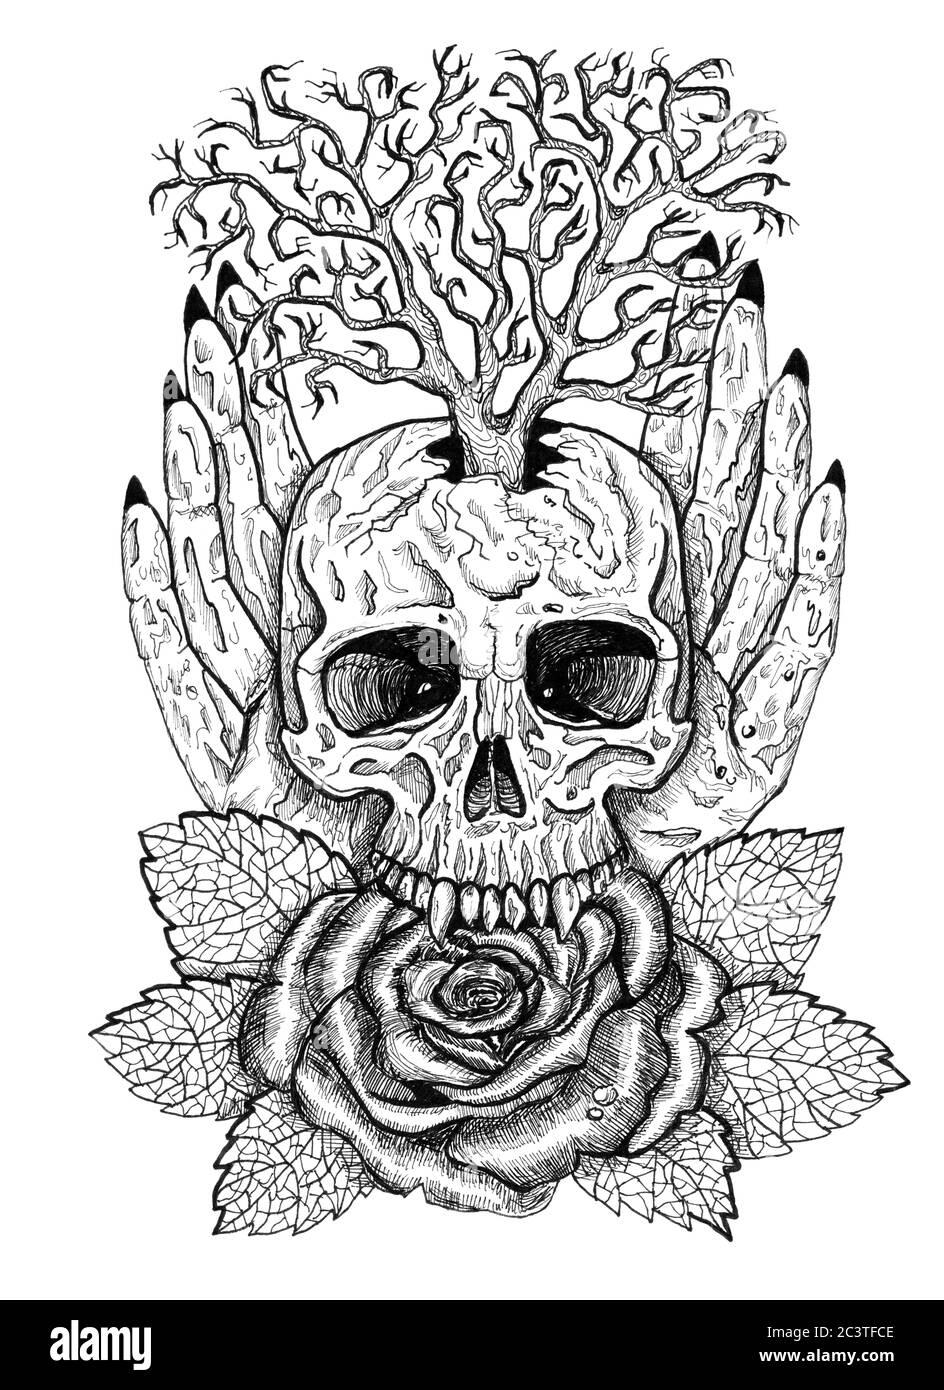 Emblema wiccan blanco y negro con cráneo, manos humanas, flor de rosa y árbol. Ilustración esotérica, oculta y gótica con símbolos de la muerte, Halloween Foto de stock